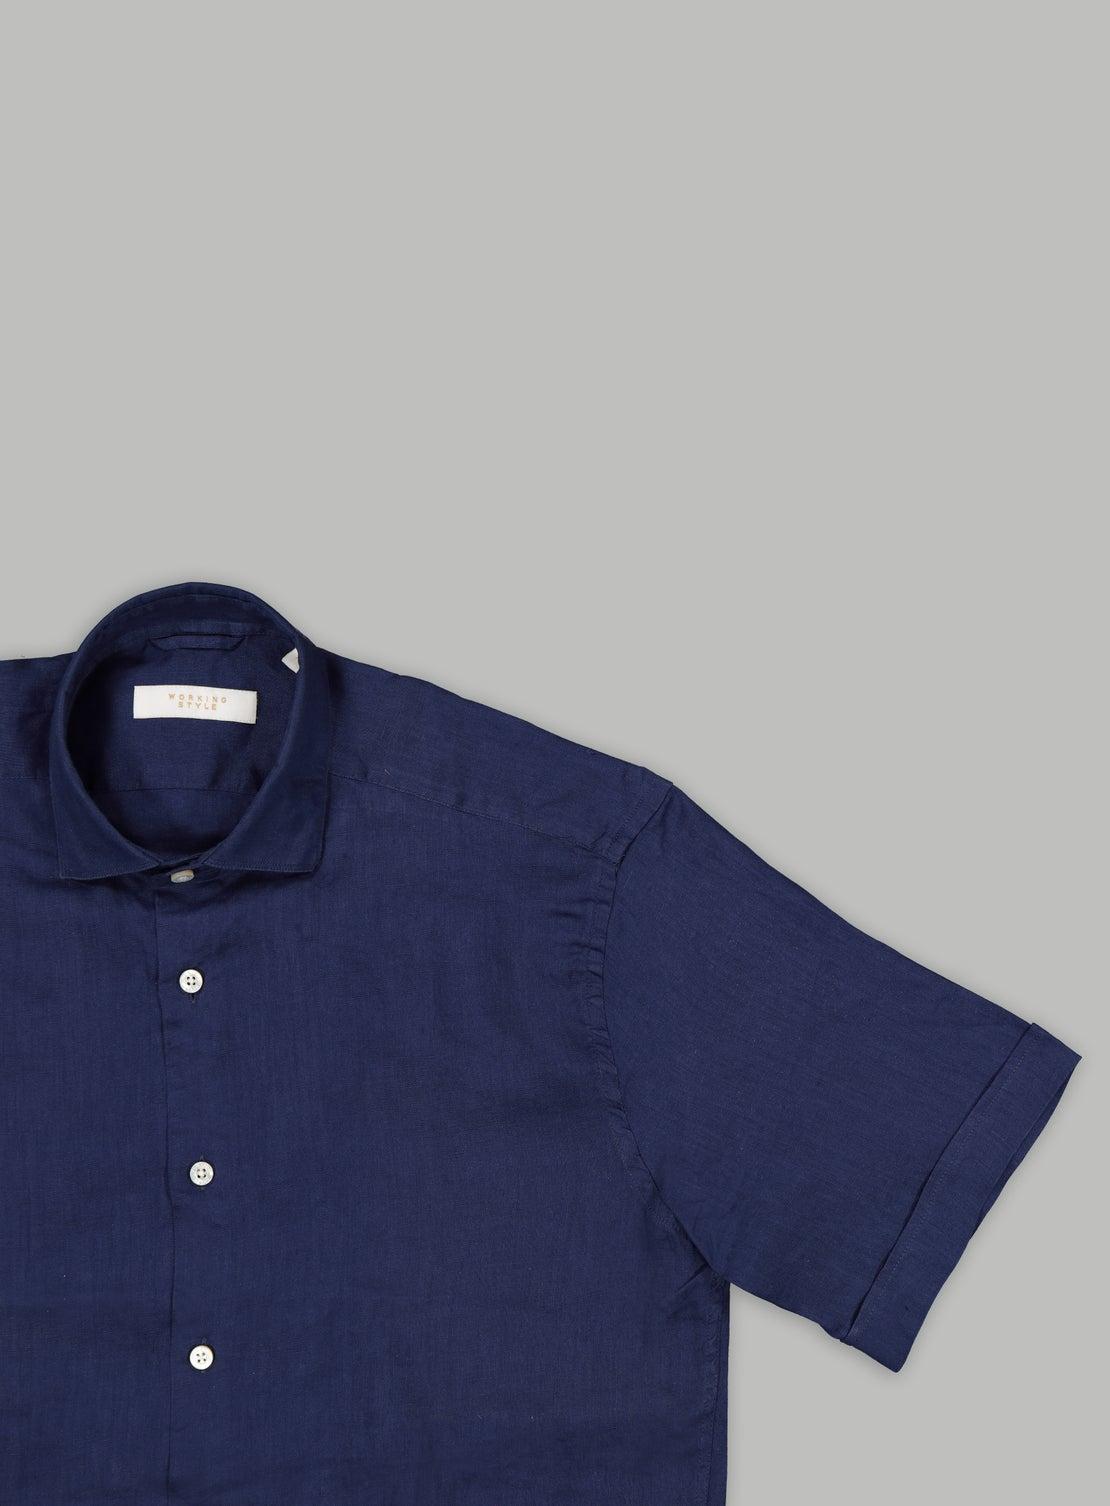 Navy Linen Short Sleeve Shirt